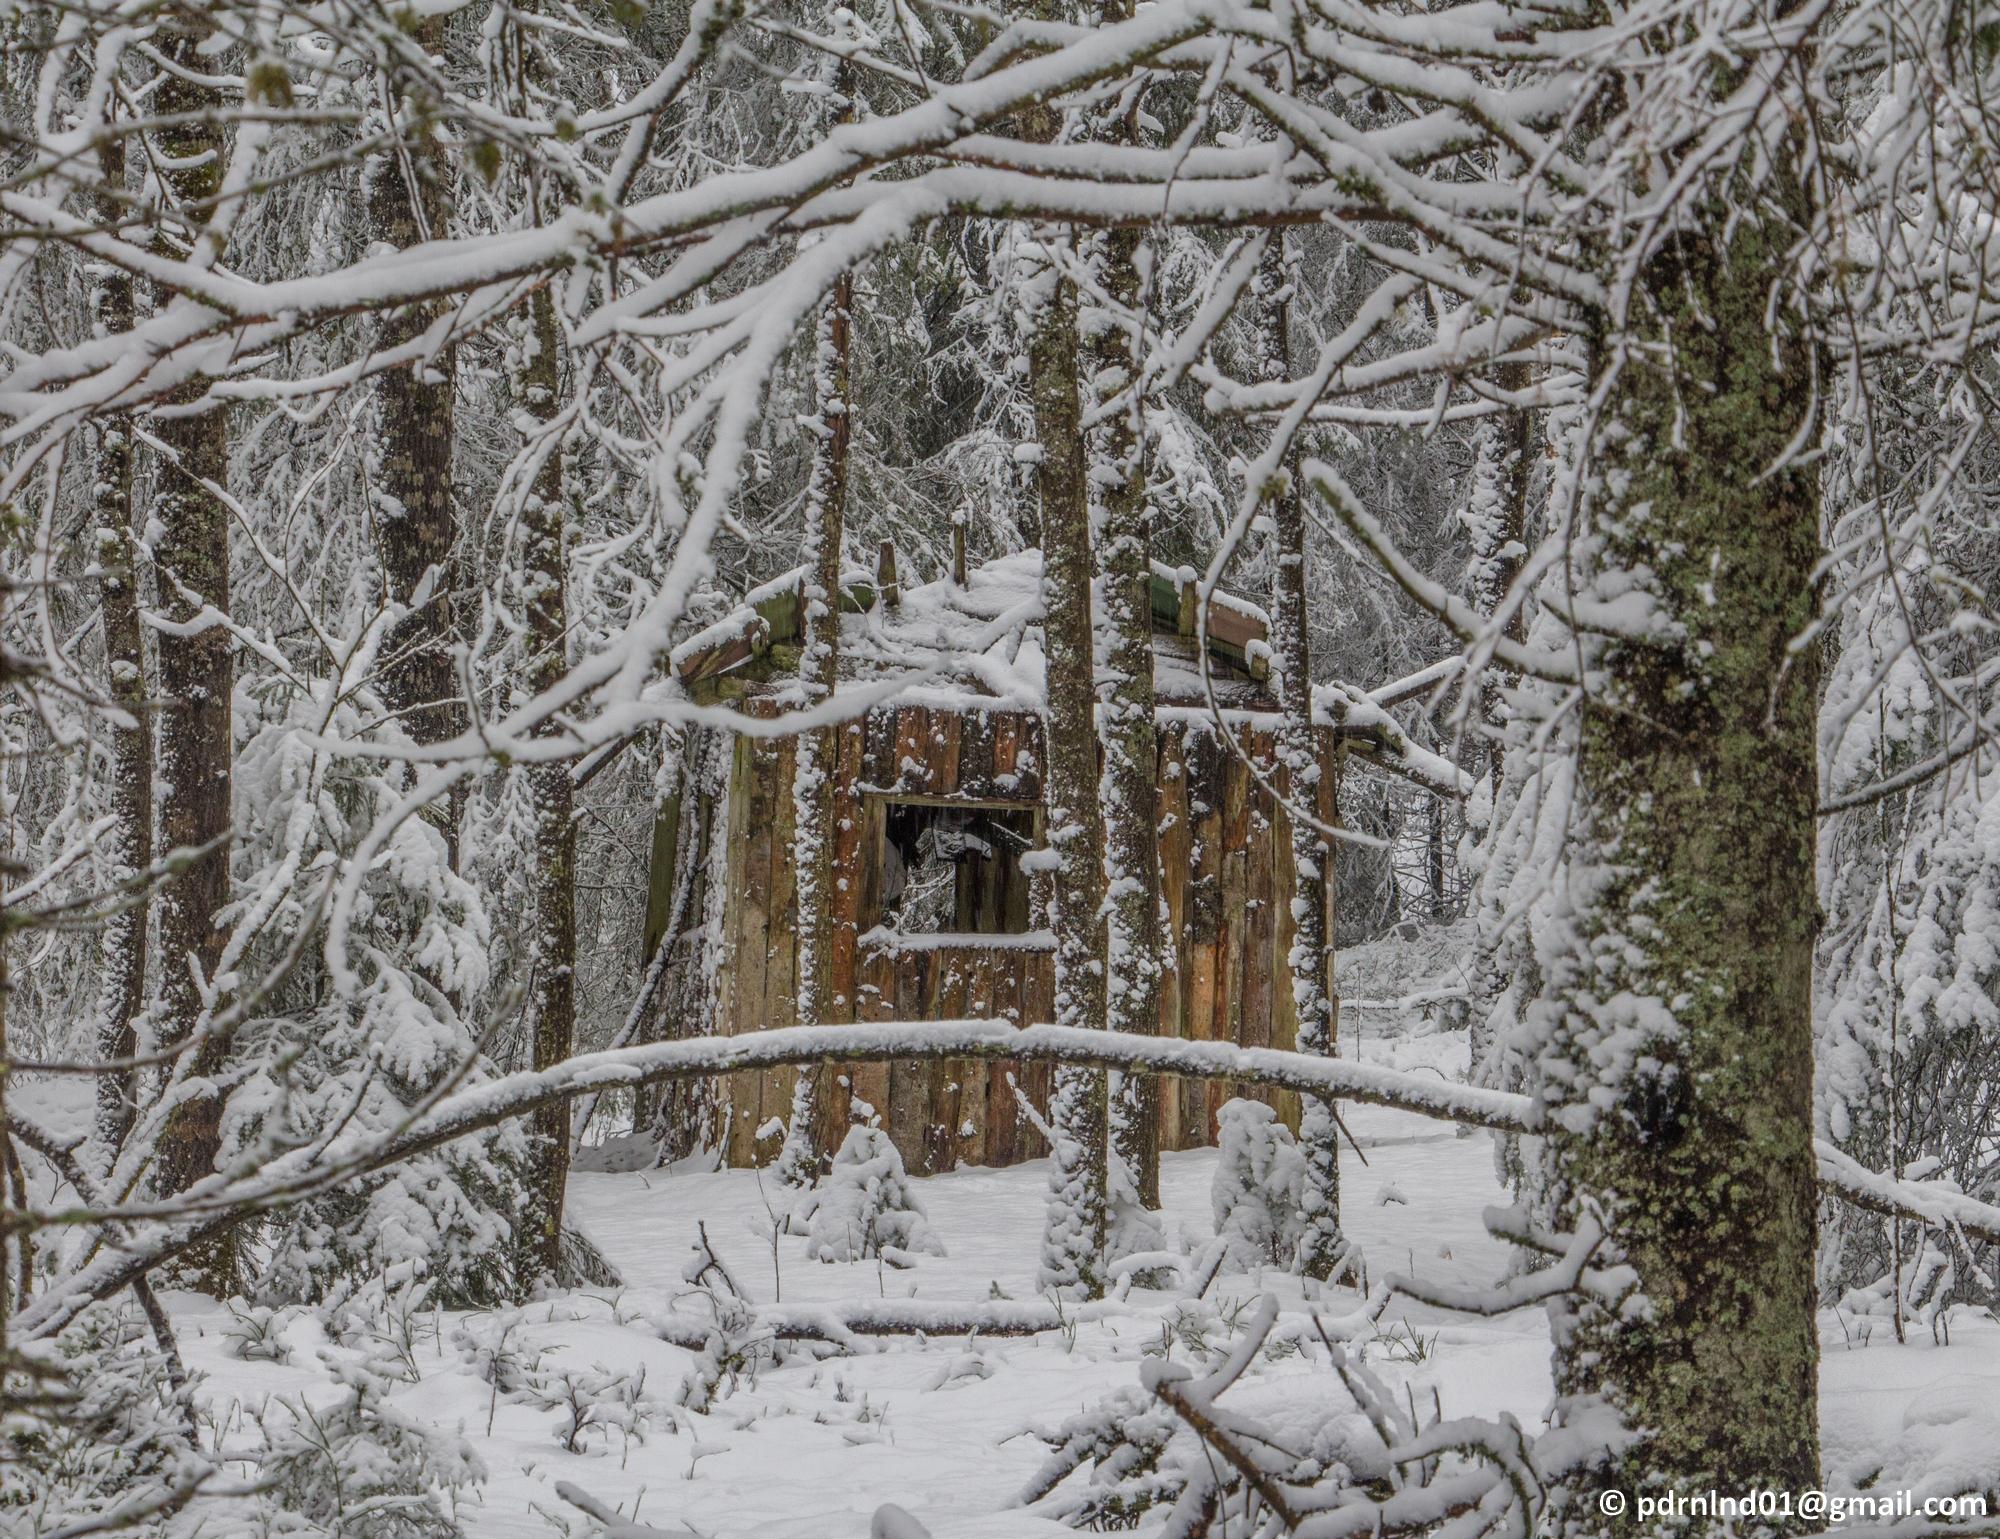 2016-02-12 Vinter och snö 023-1